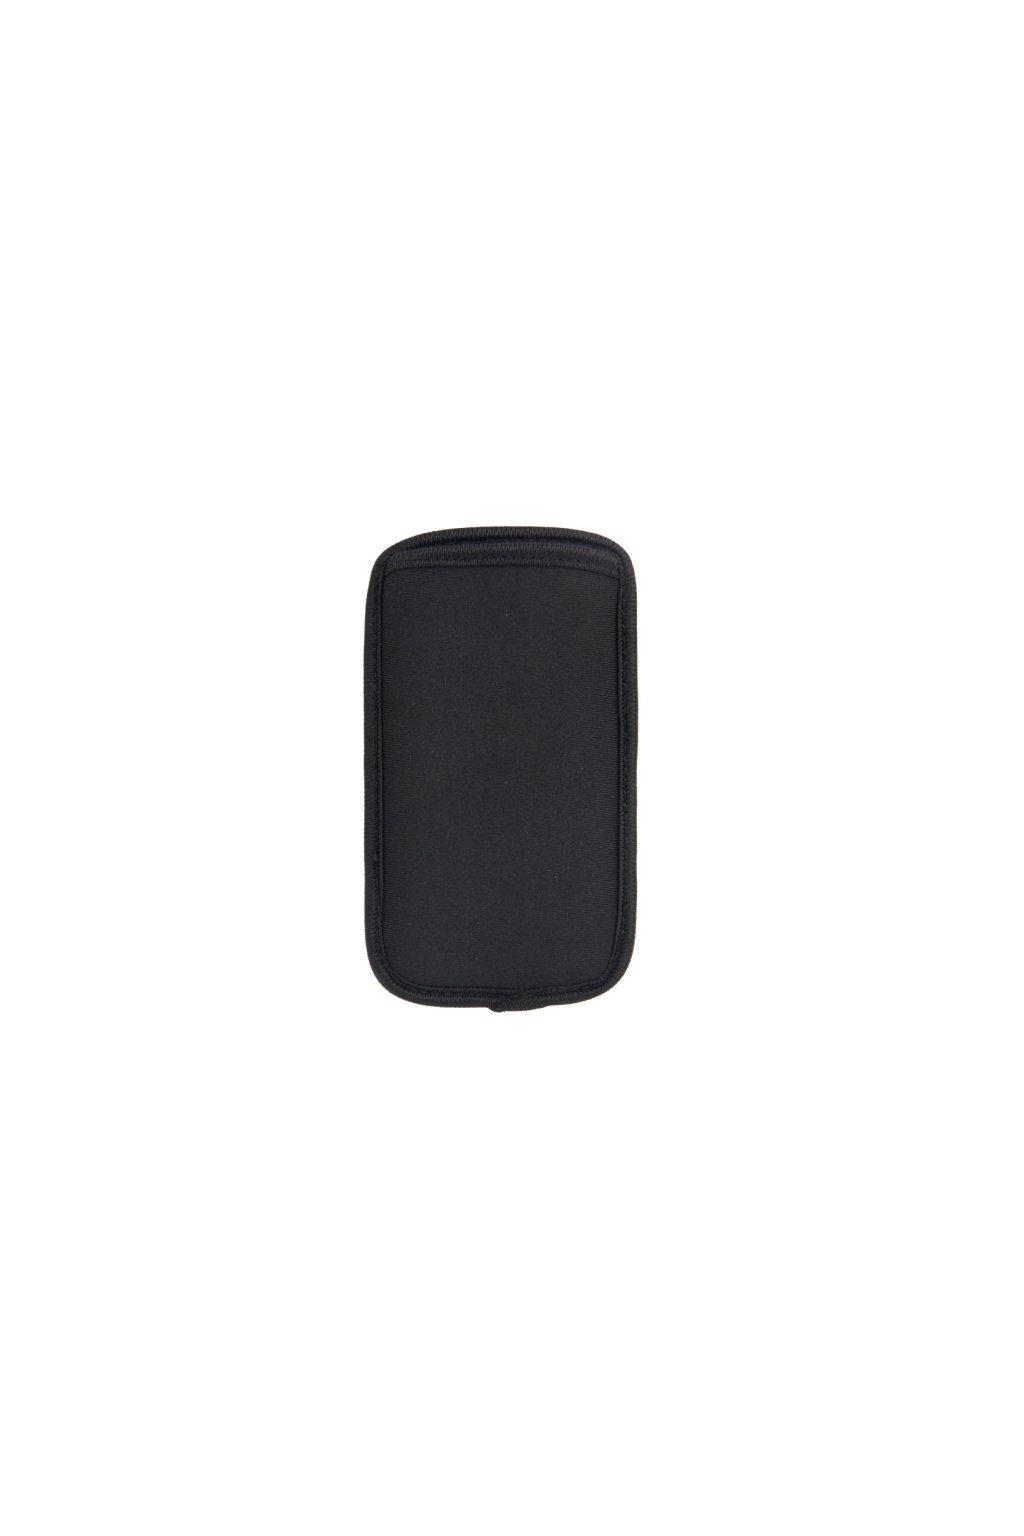 Voděodolné textilní pouzdro iPhone 5 5S e7ed40f569a